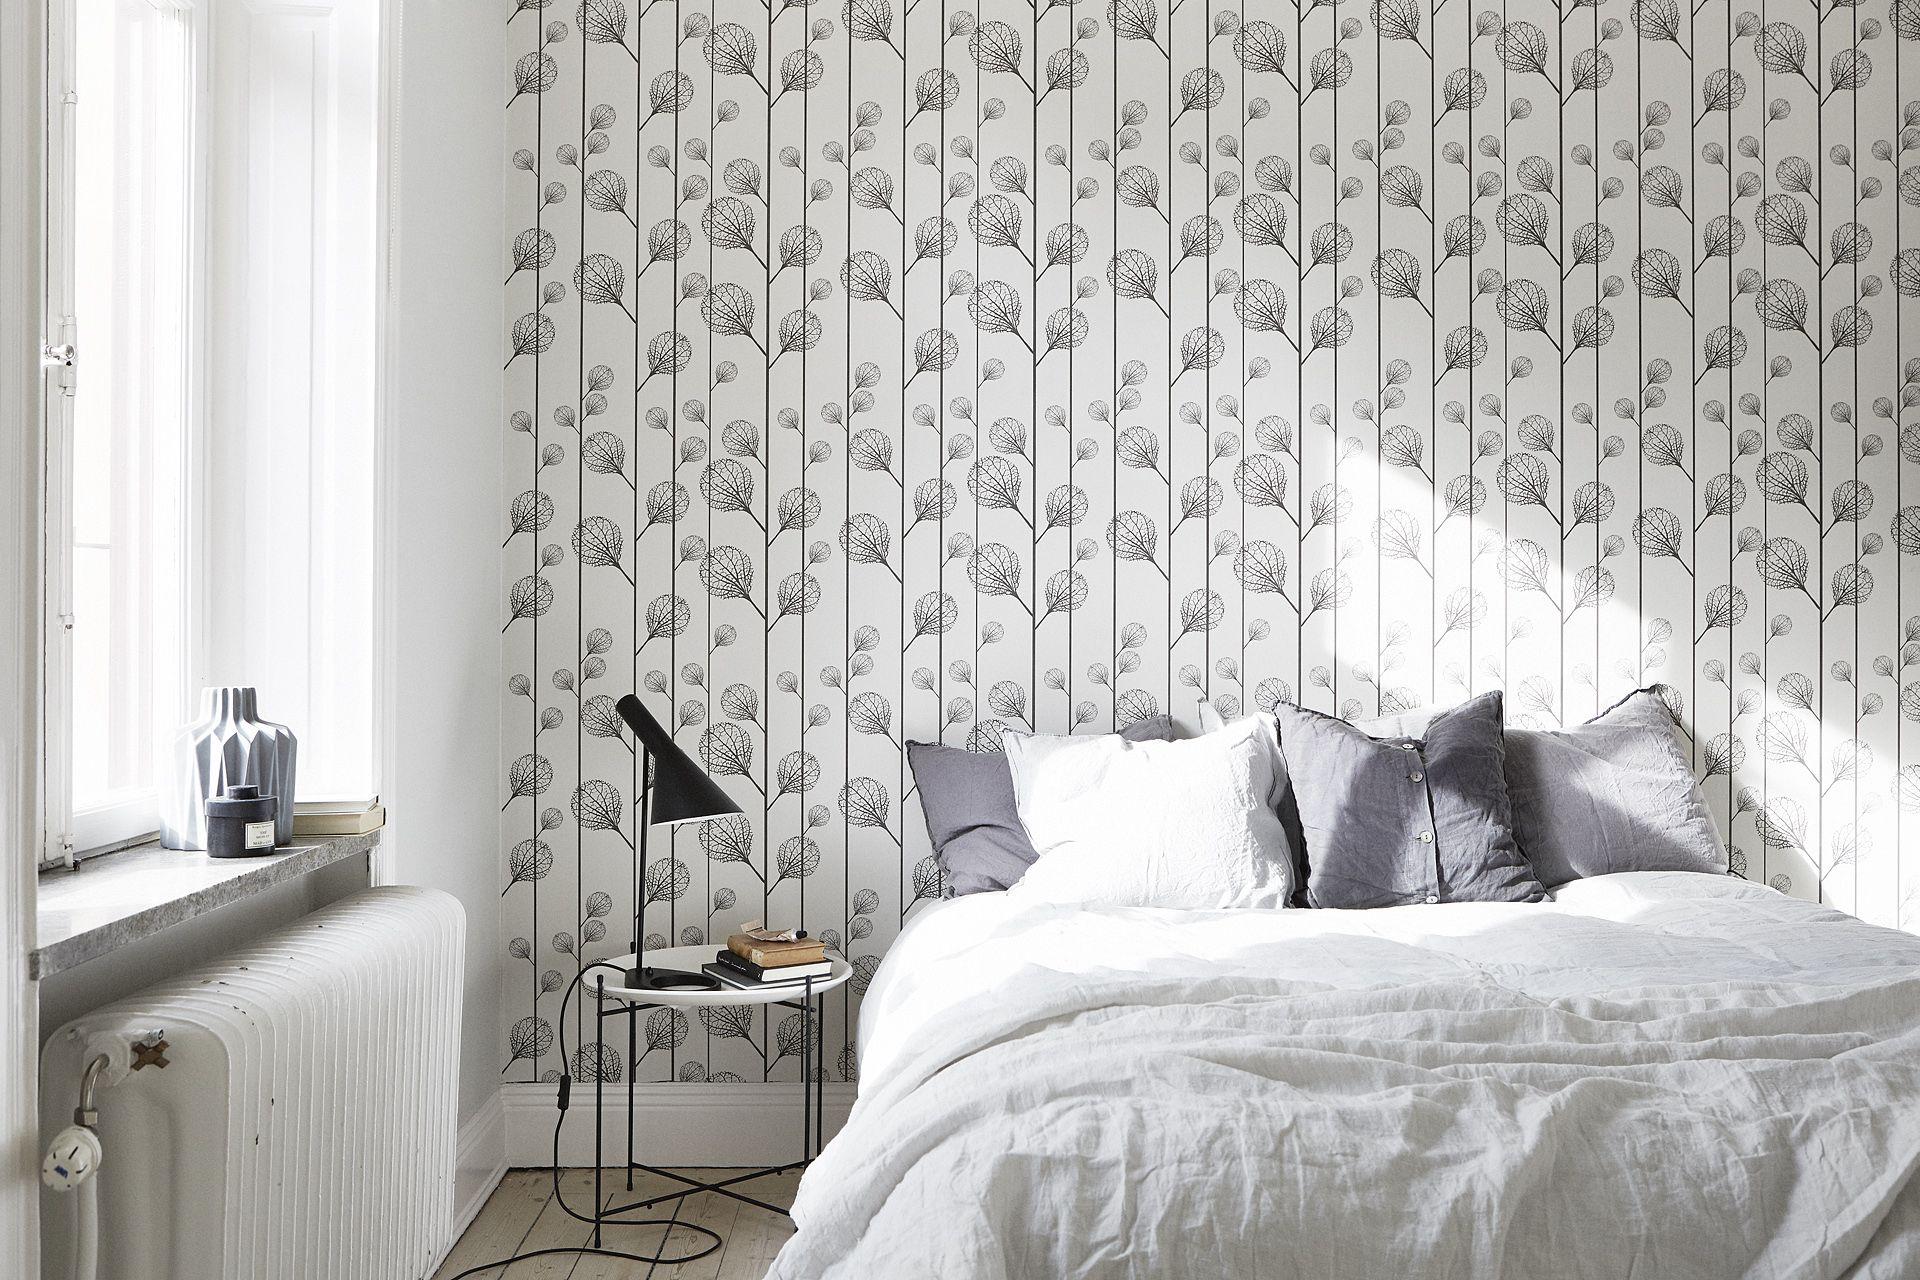 Scandinavische Slaapkamer Ideeen : Scandinavische kleuren slaapkamer unieke scandinavische slaapkamer